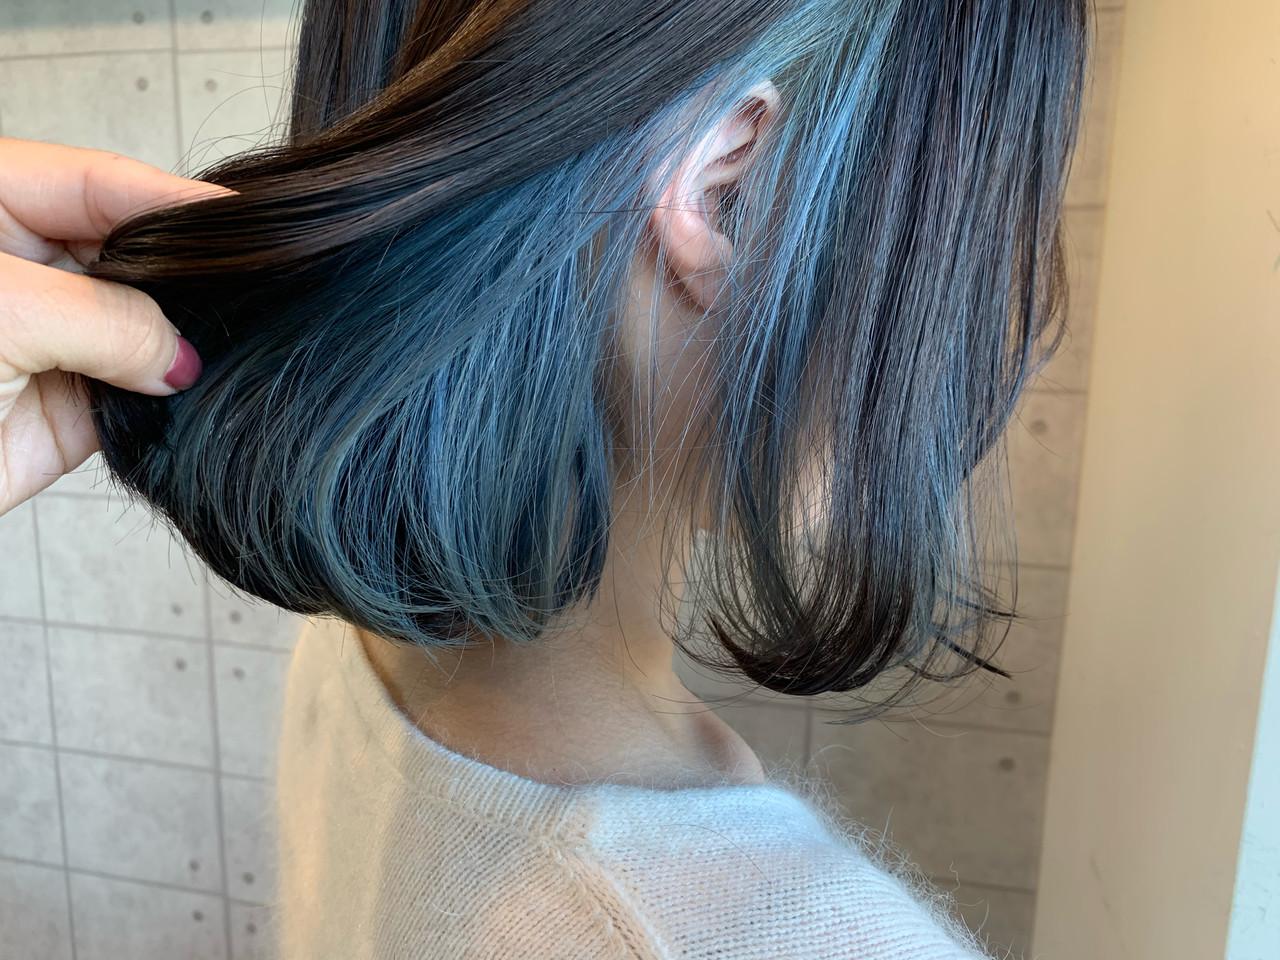 ポイントカラー インナーカラー ガーリー ミニボブ ヘアスタイルや髪型の写真・画像